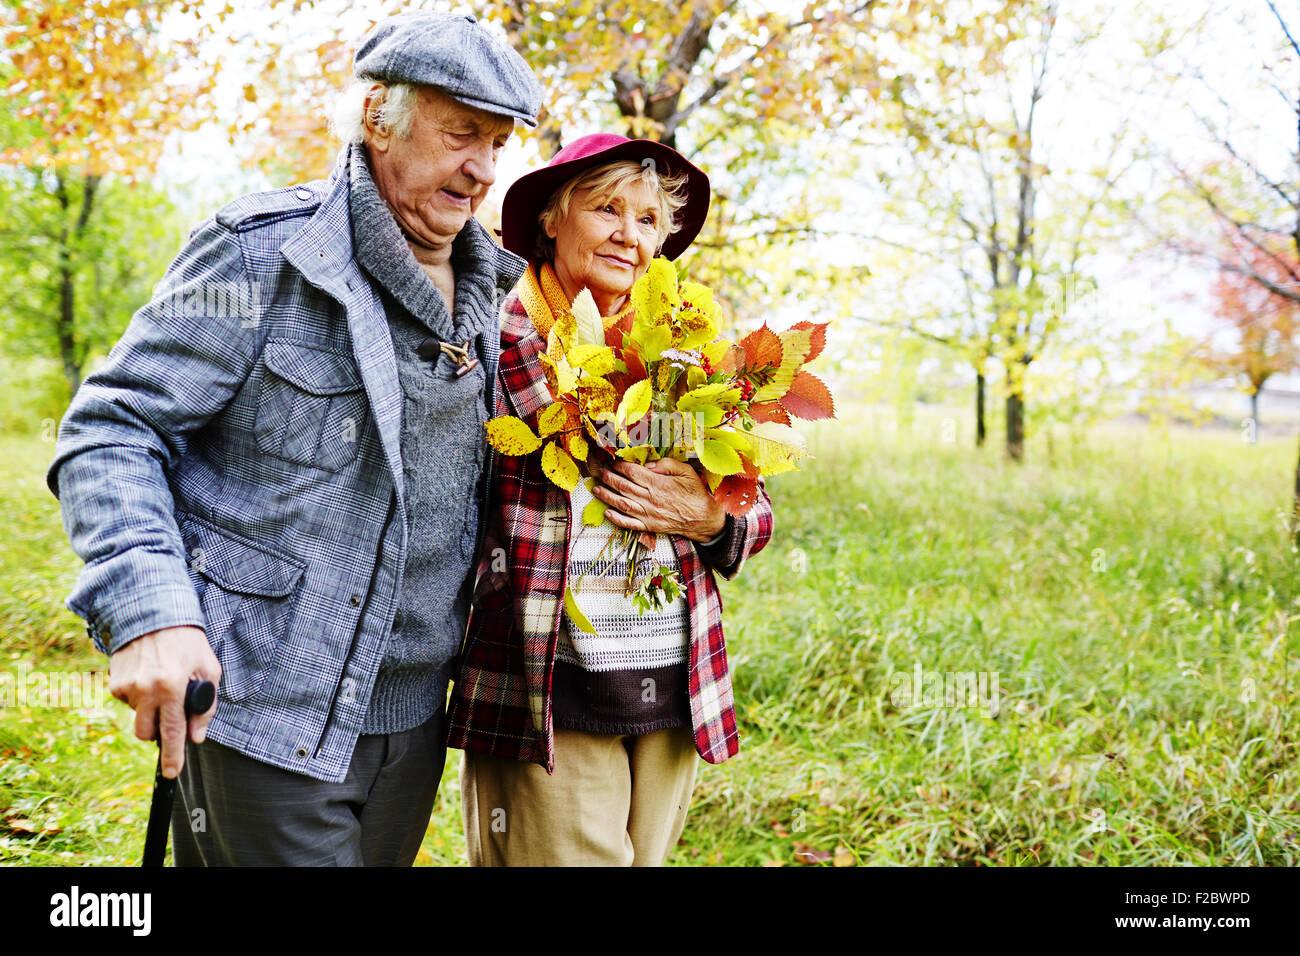 Pareja de jubilados caminar en el parque en otoño de fin de semana Imagen De Stock